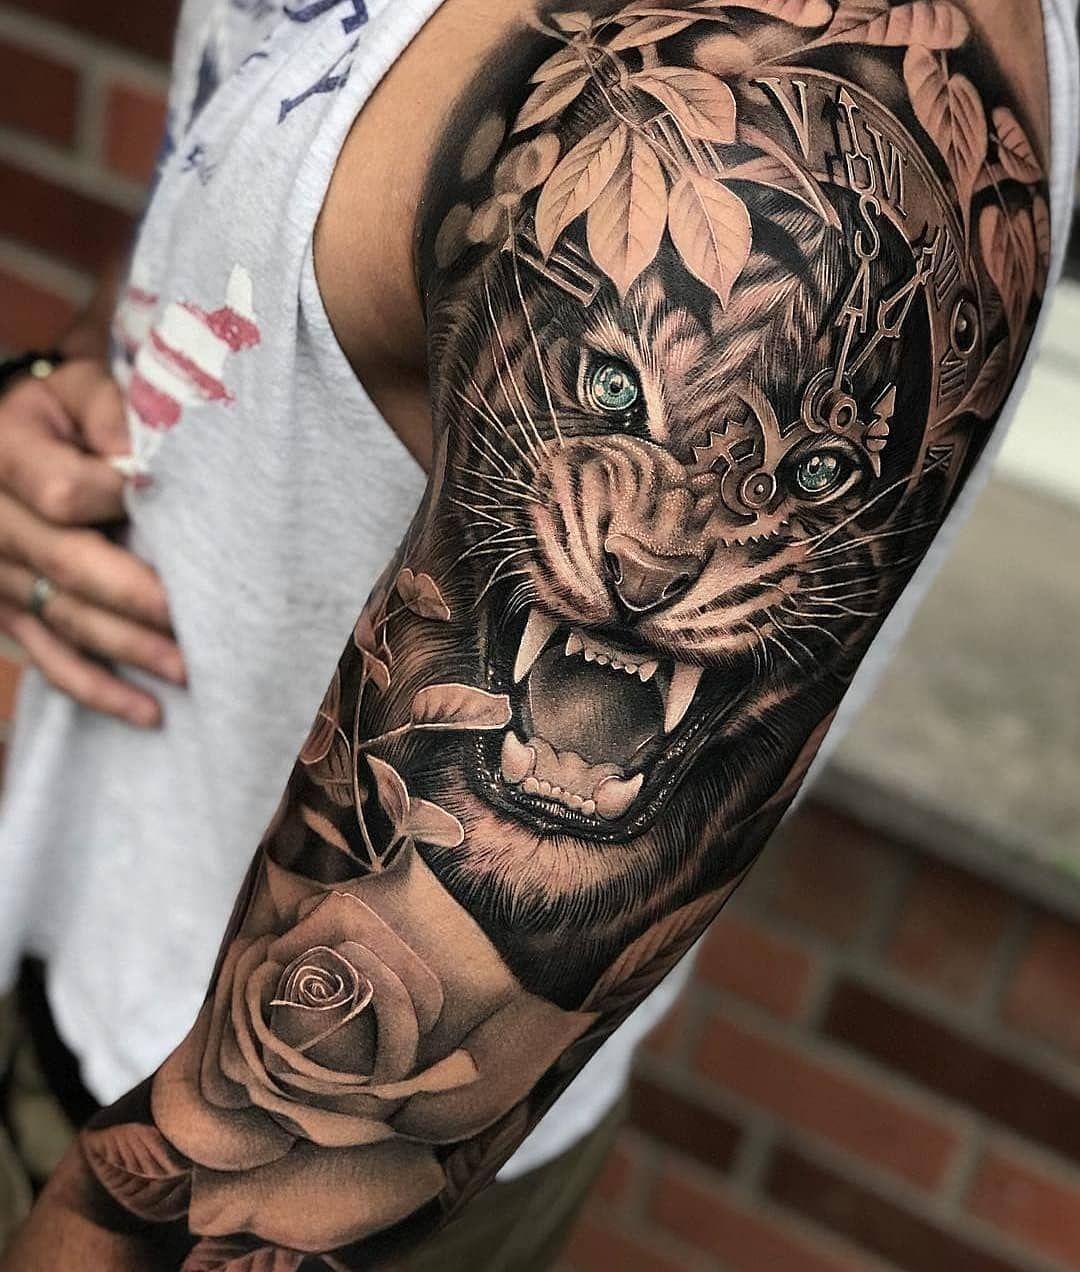 Tattoo Designs New 2019: 120 Tatuagens Masculinas No Braço (2018)